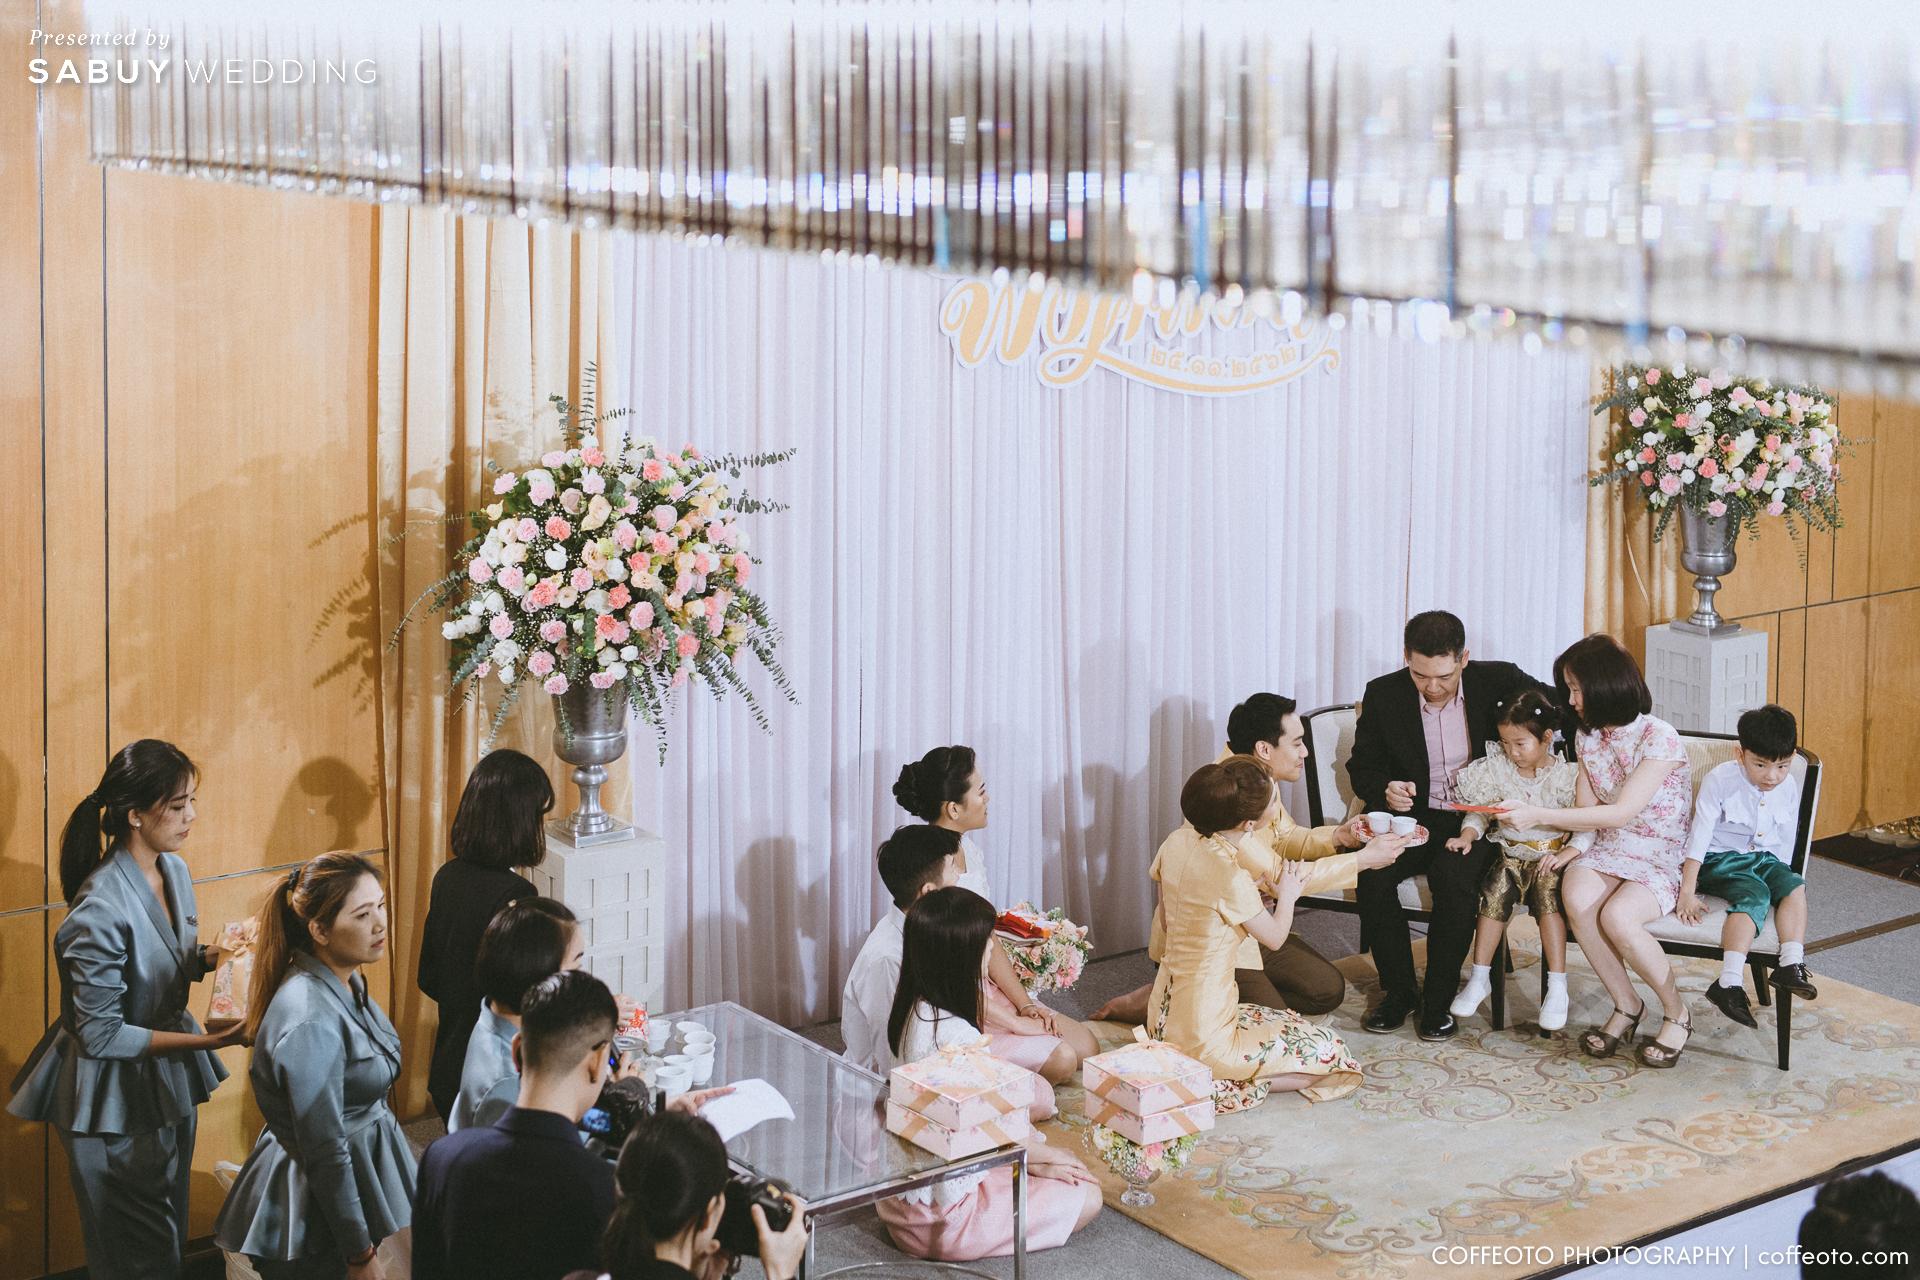 รีวิวงานแต่งสวยละมุนด้วย White Flowers และห้องหมั้นติดบรรยากาศสวน @Renaissance Bangkok Ratchaprasong Hotel